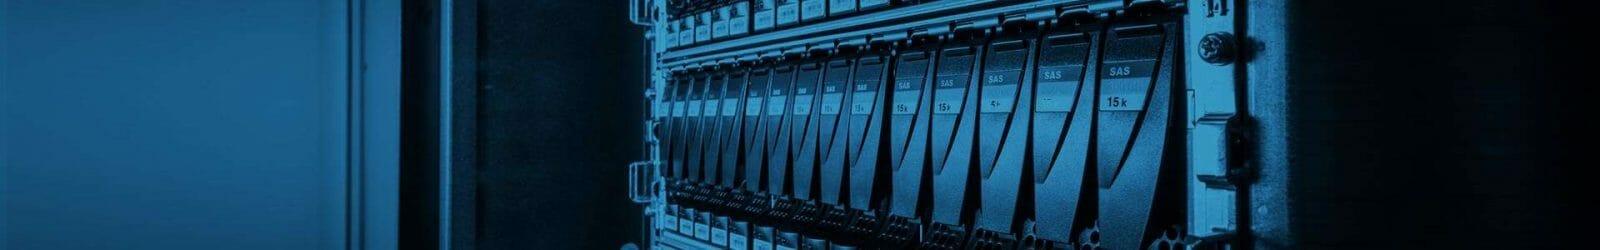 zdjęcie macierzy w szafie rackowej odzyskiwanie danych z serwera Odzyskiwanie danych z serwera macierze